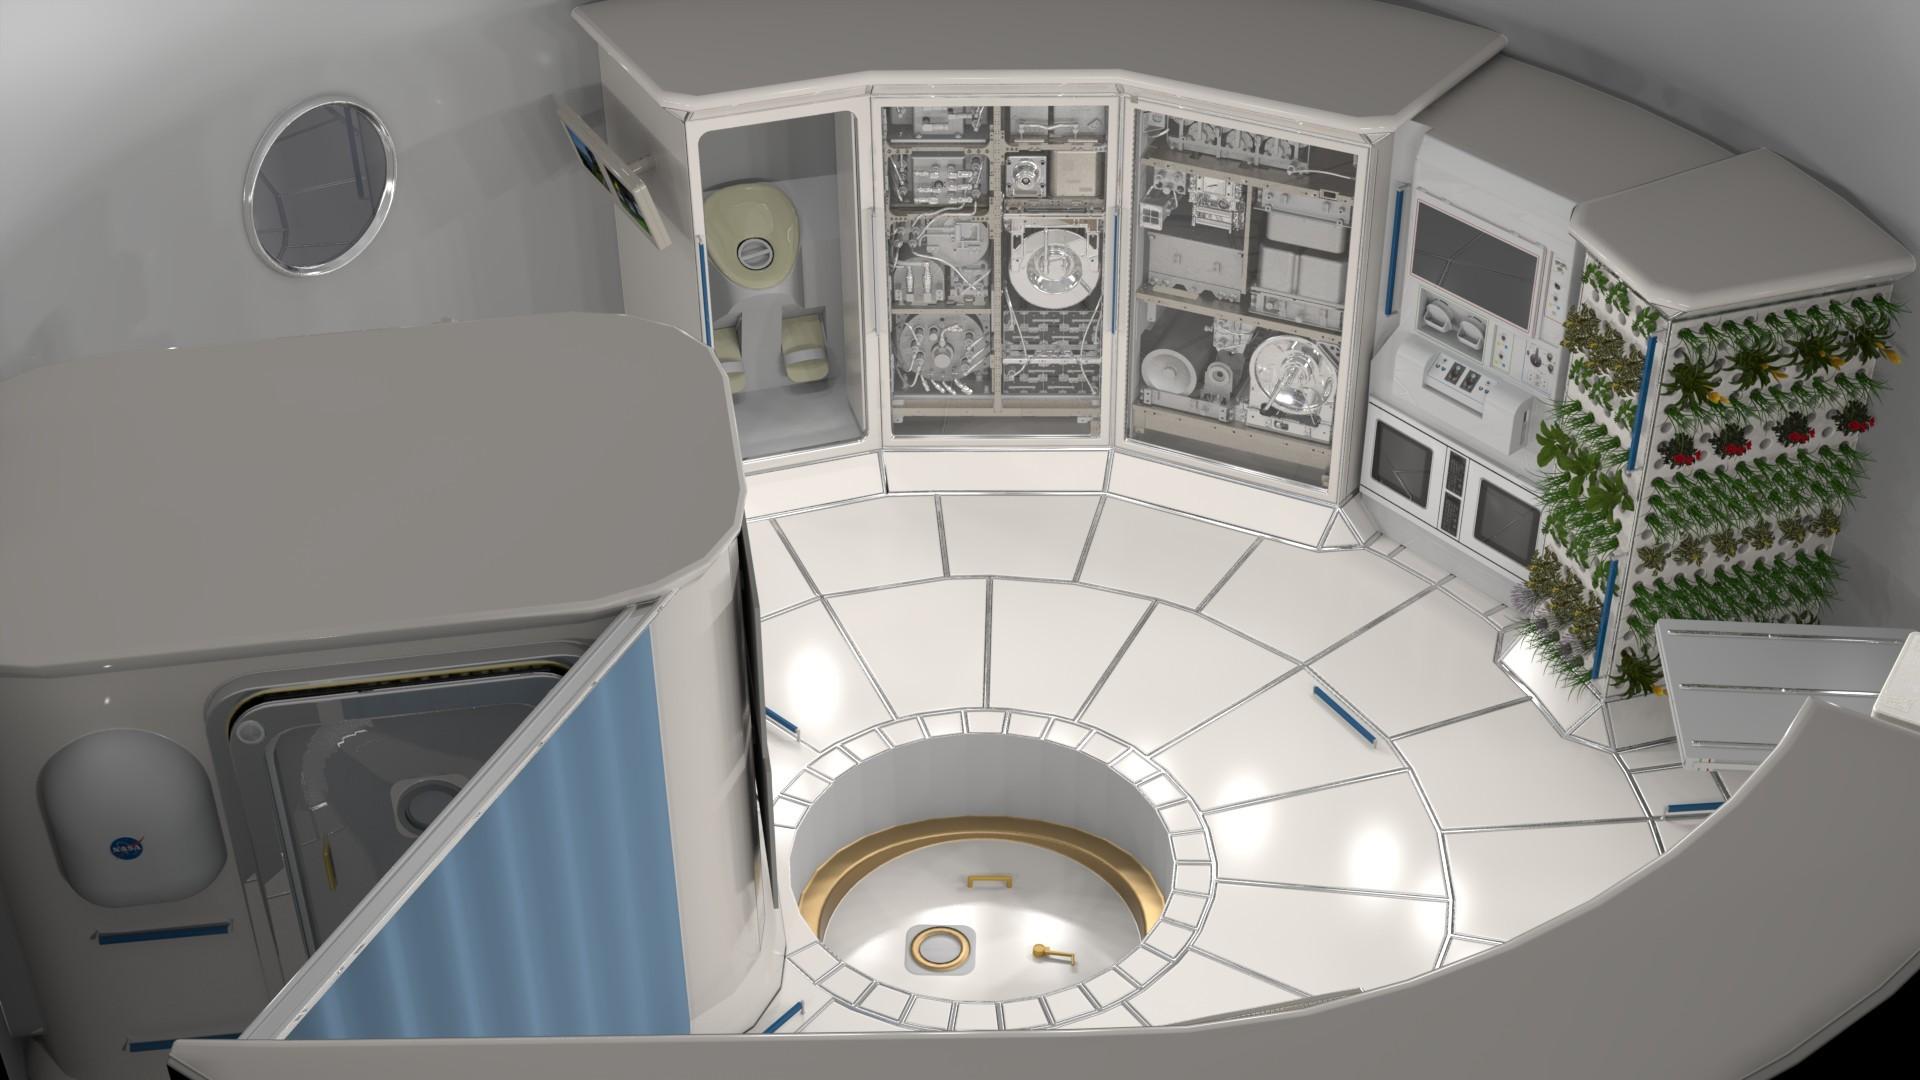 НАСА выбрало подрядчиков для разработки жилья в дальнем космосе - 1